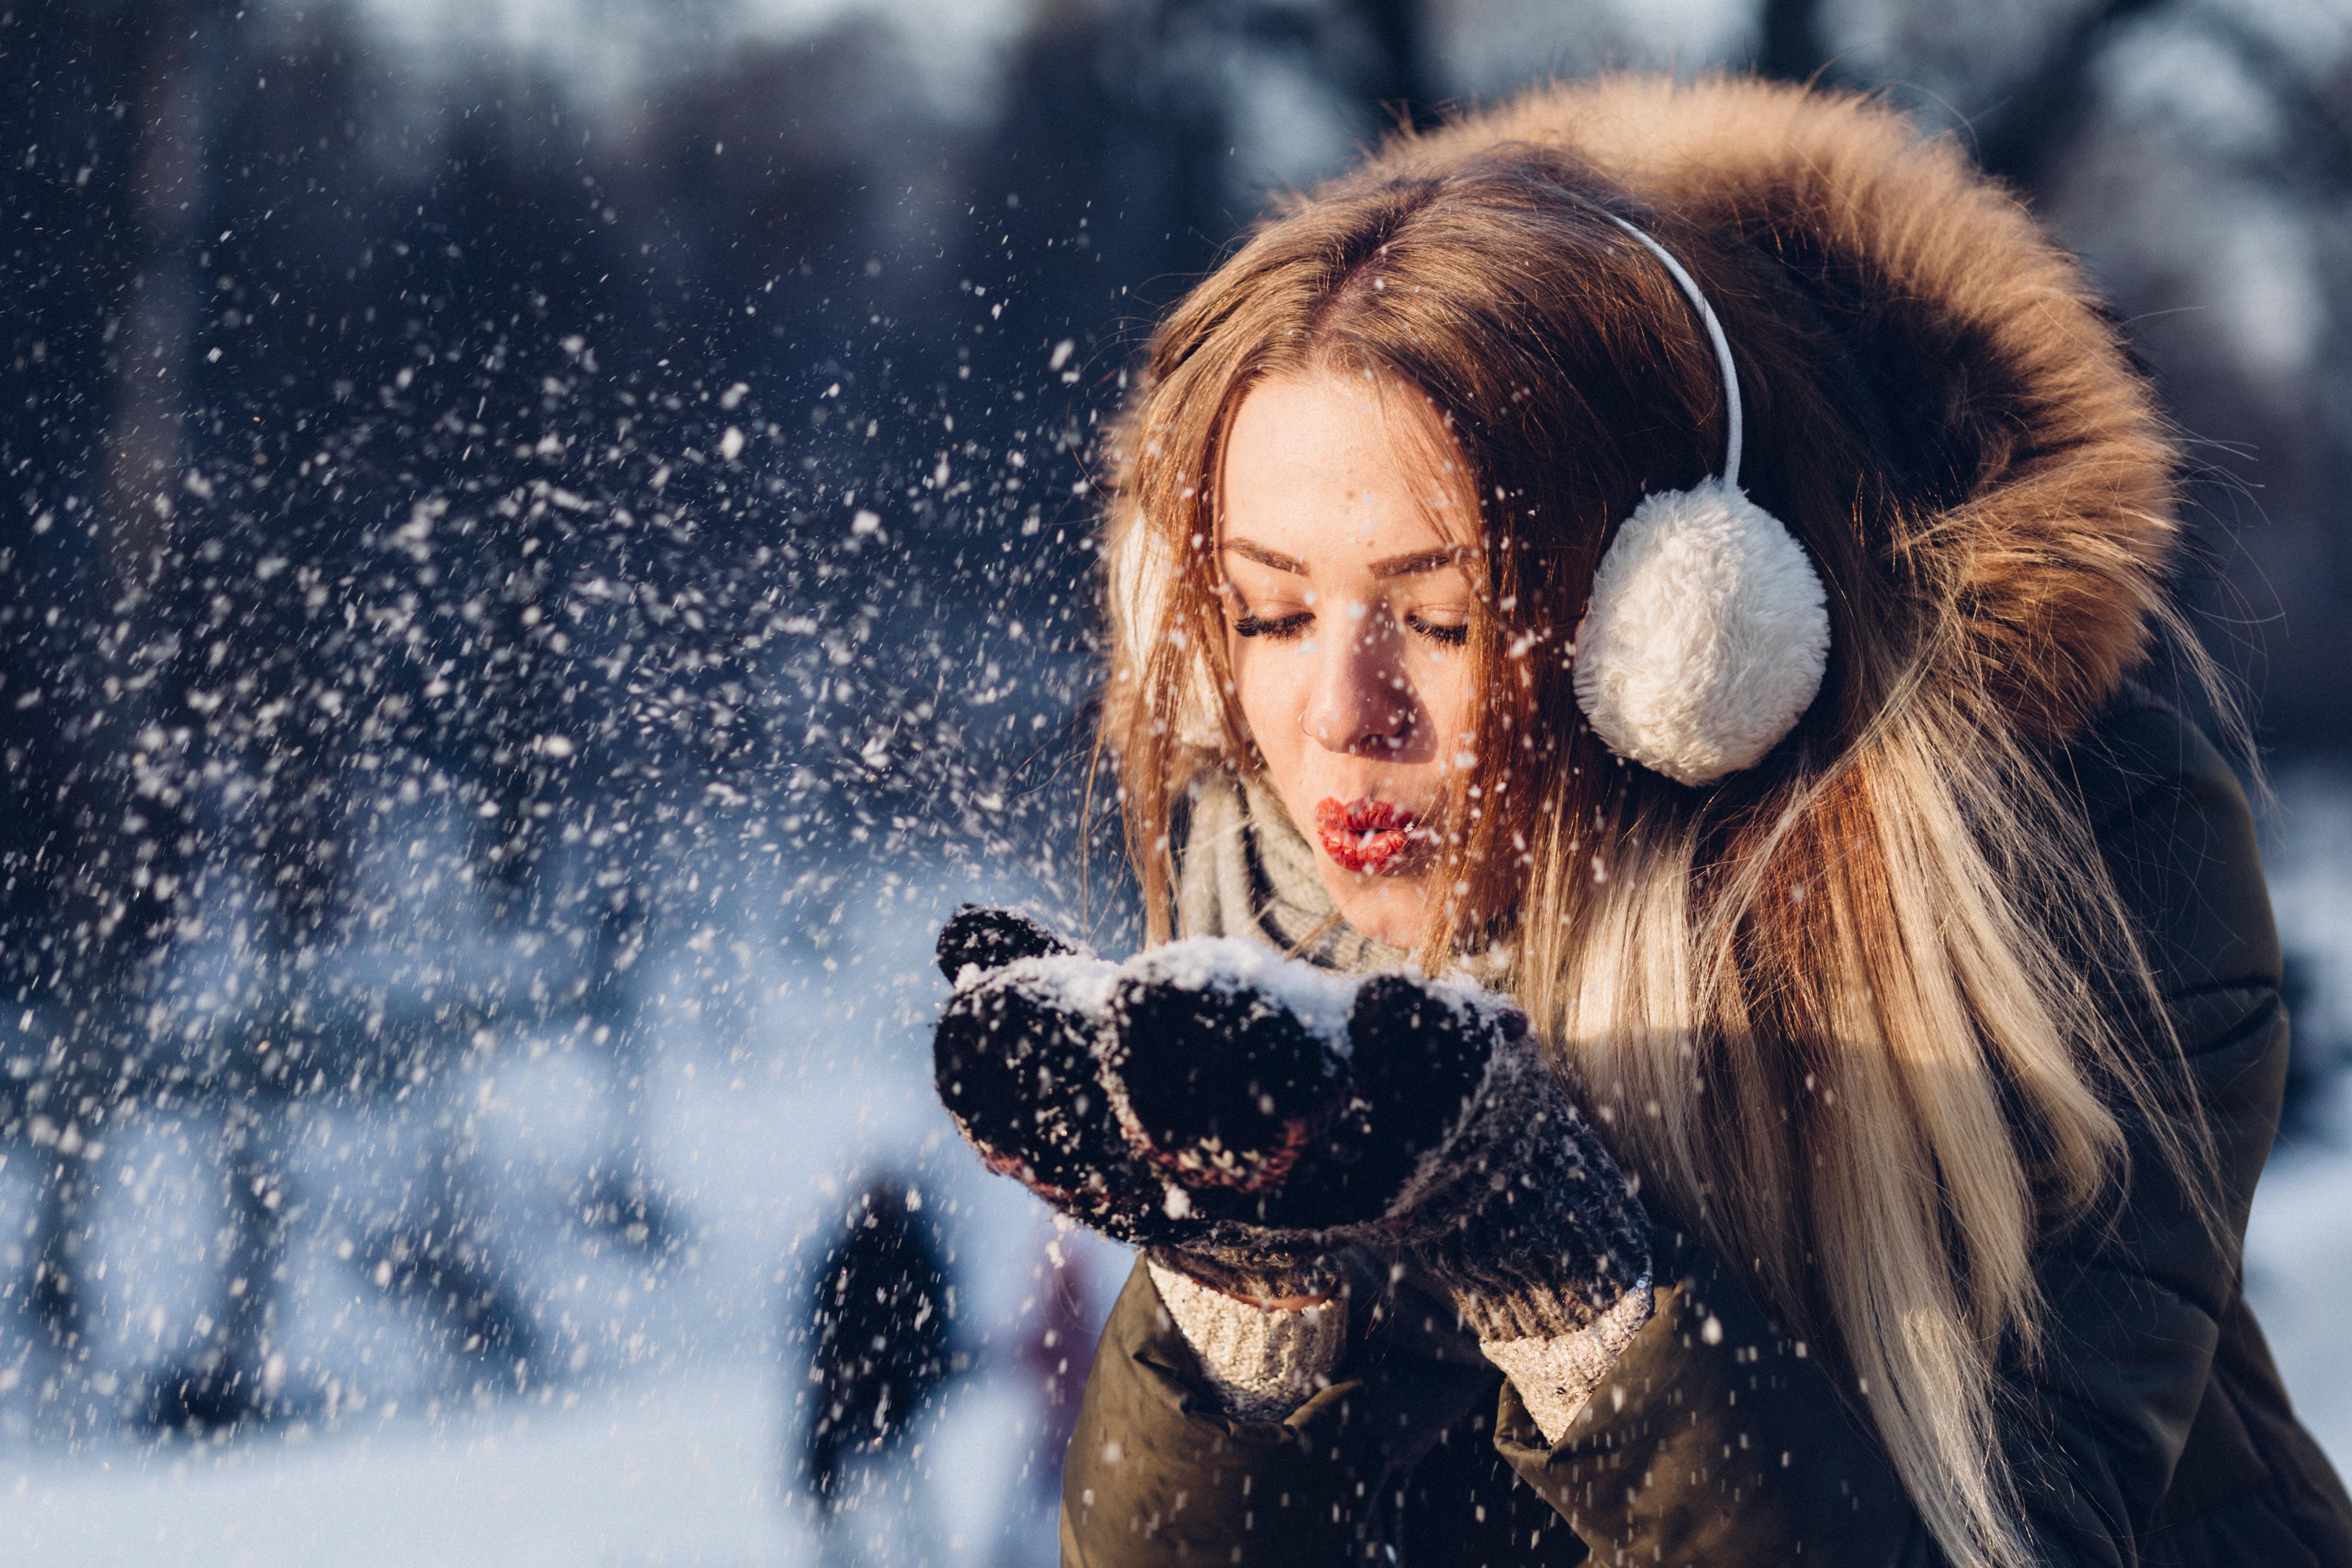 Winter Break Activities To Enjoy